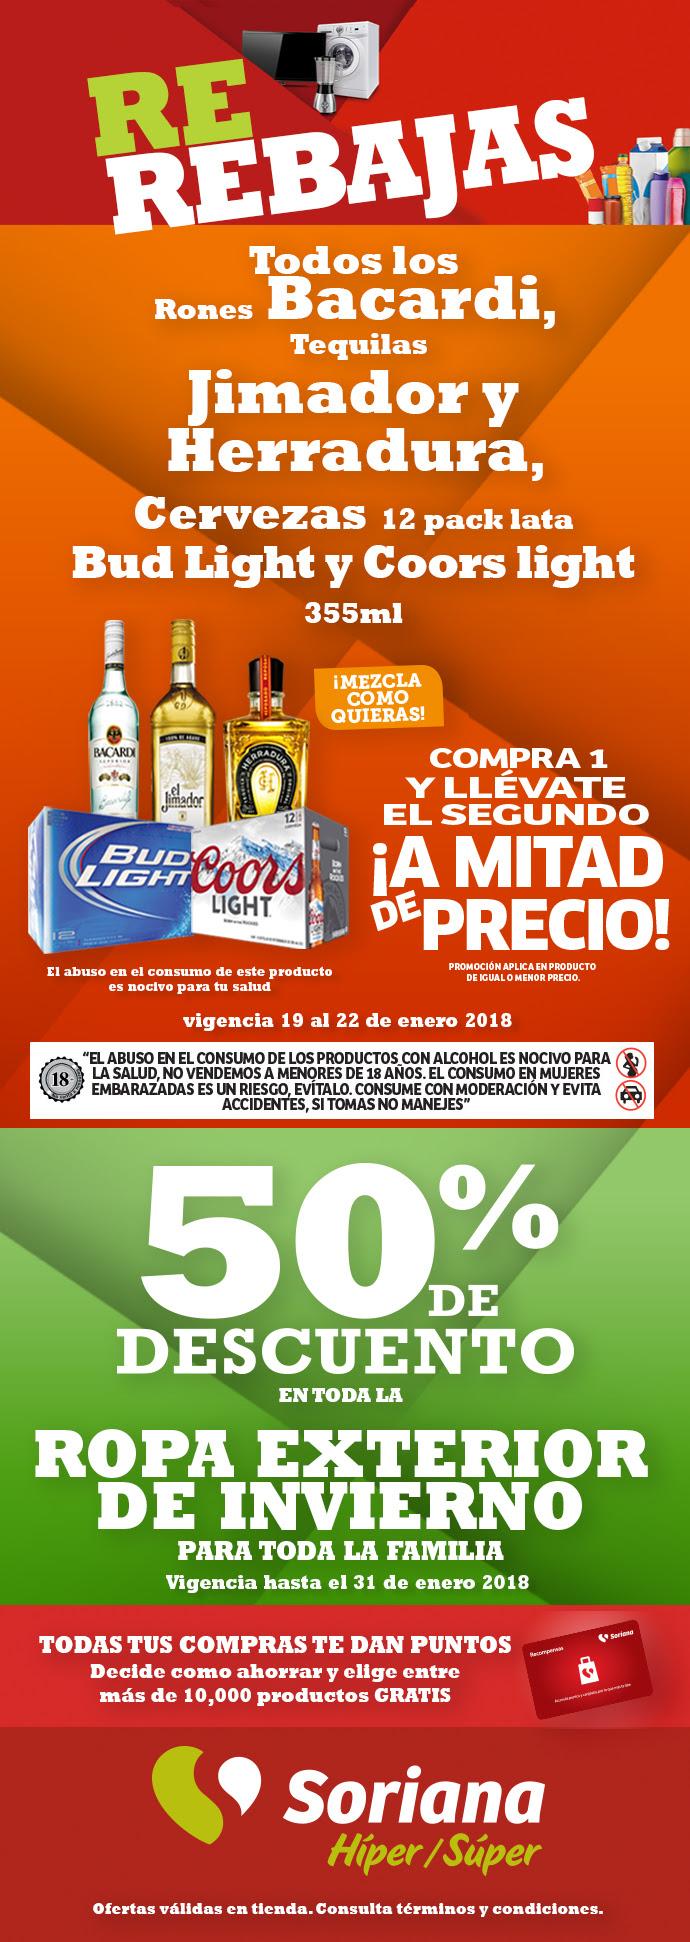 Soriana: tequilas, bacardi y cerveza al 2 * 1 1/2 del 19 al 22 de enero